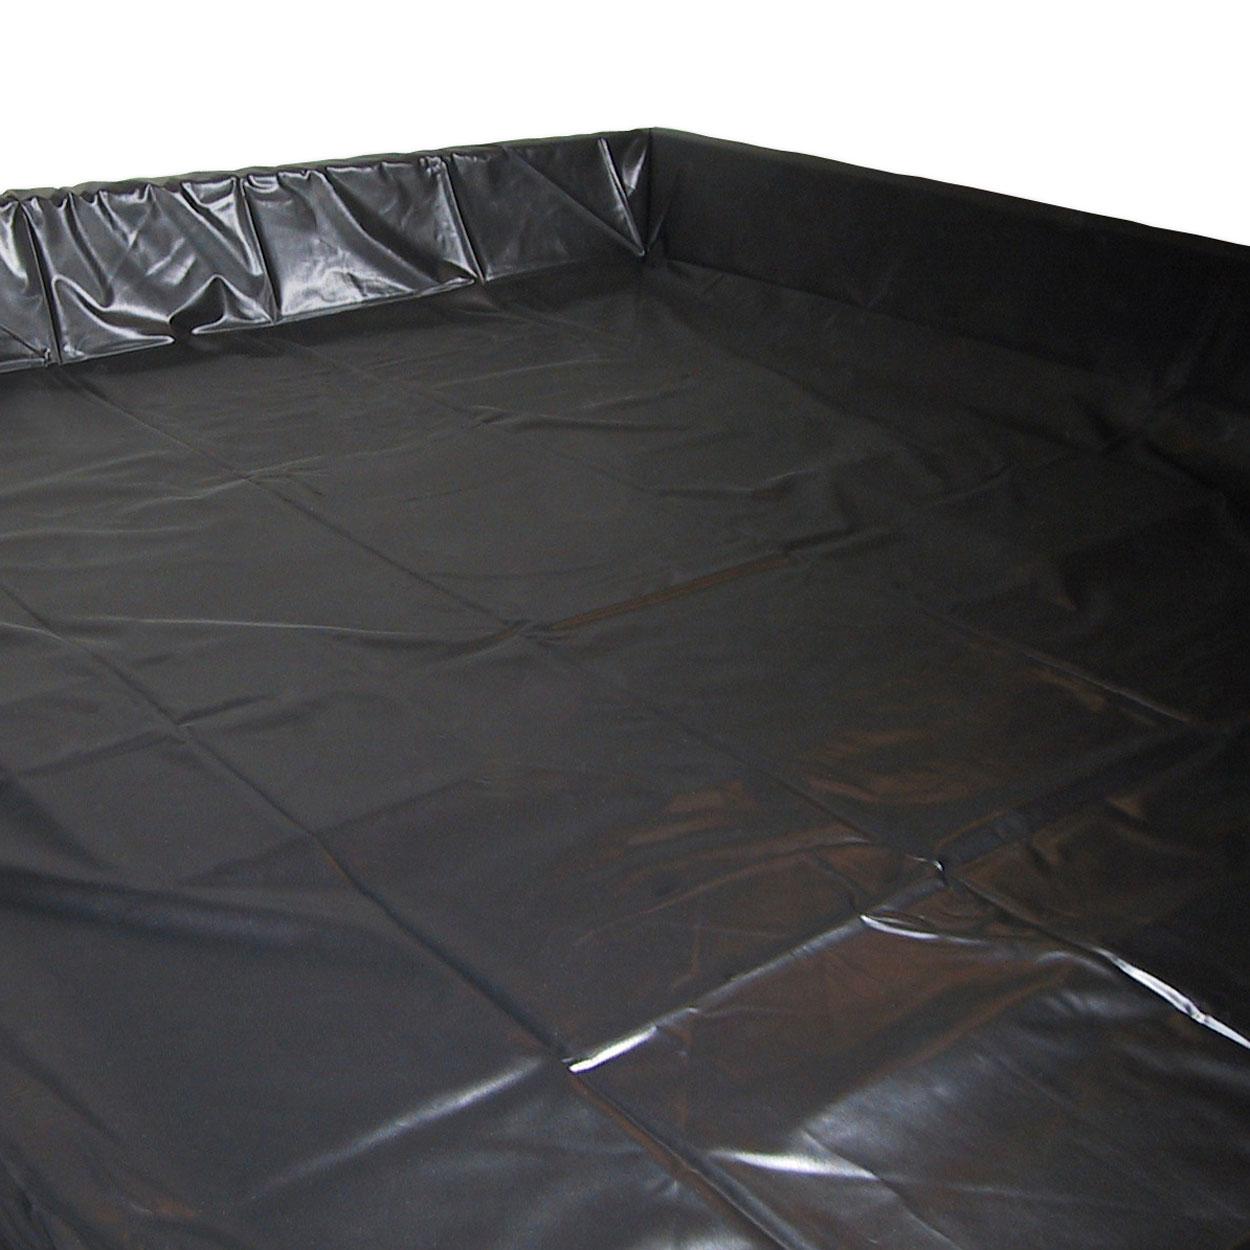 wasserbetten softside. Black Bedroom Furniture Sets. Home Design Ideas